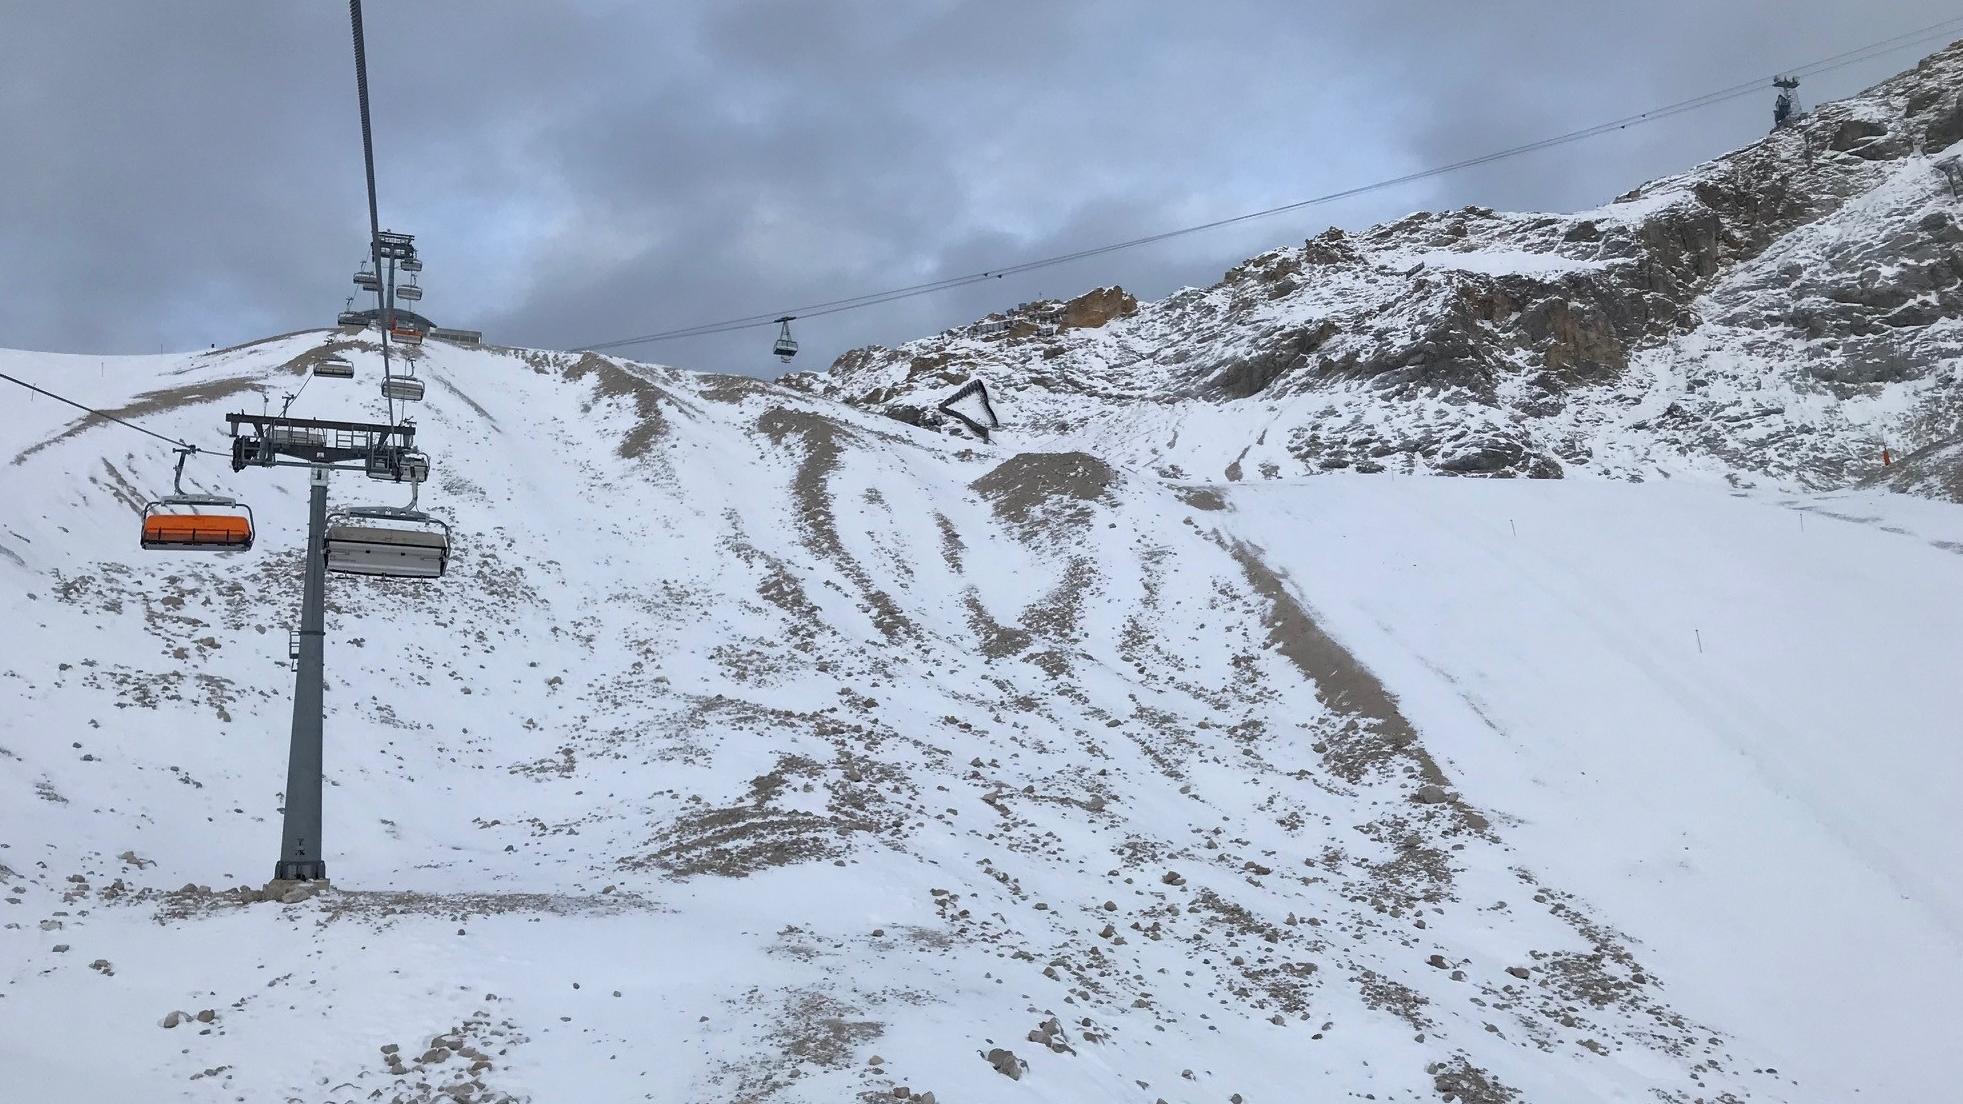 Viele freie Plätze in der 6er-Sesselbahn auf der Zugspitze am Tag des Saisonstarts.